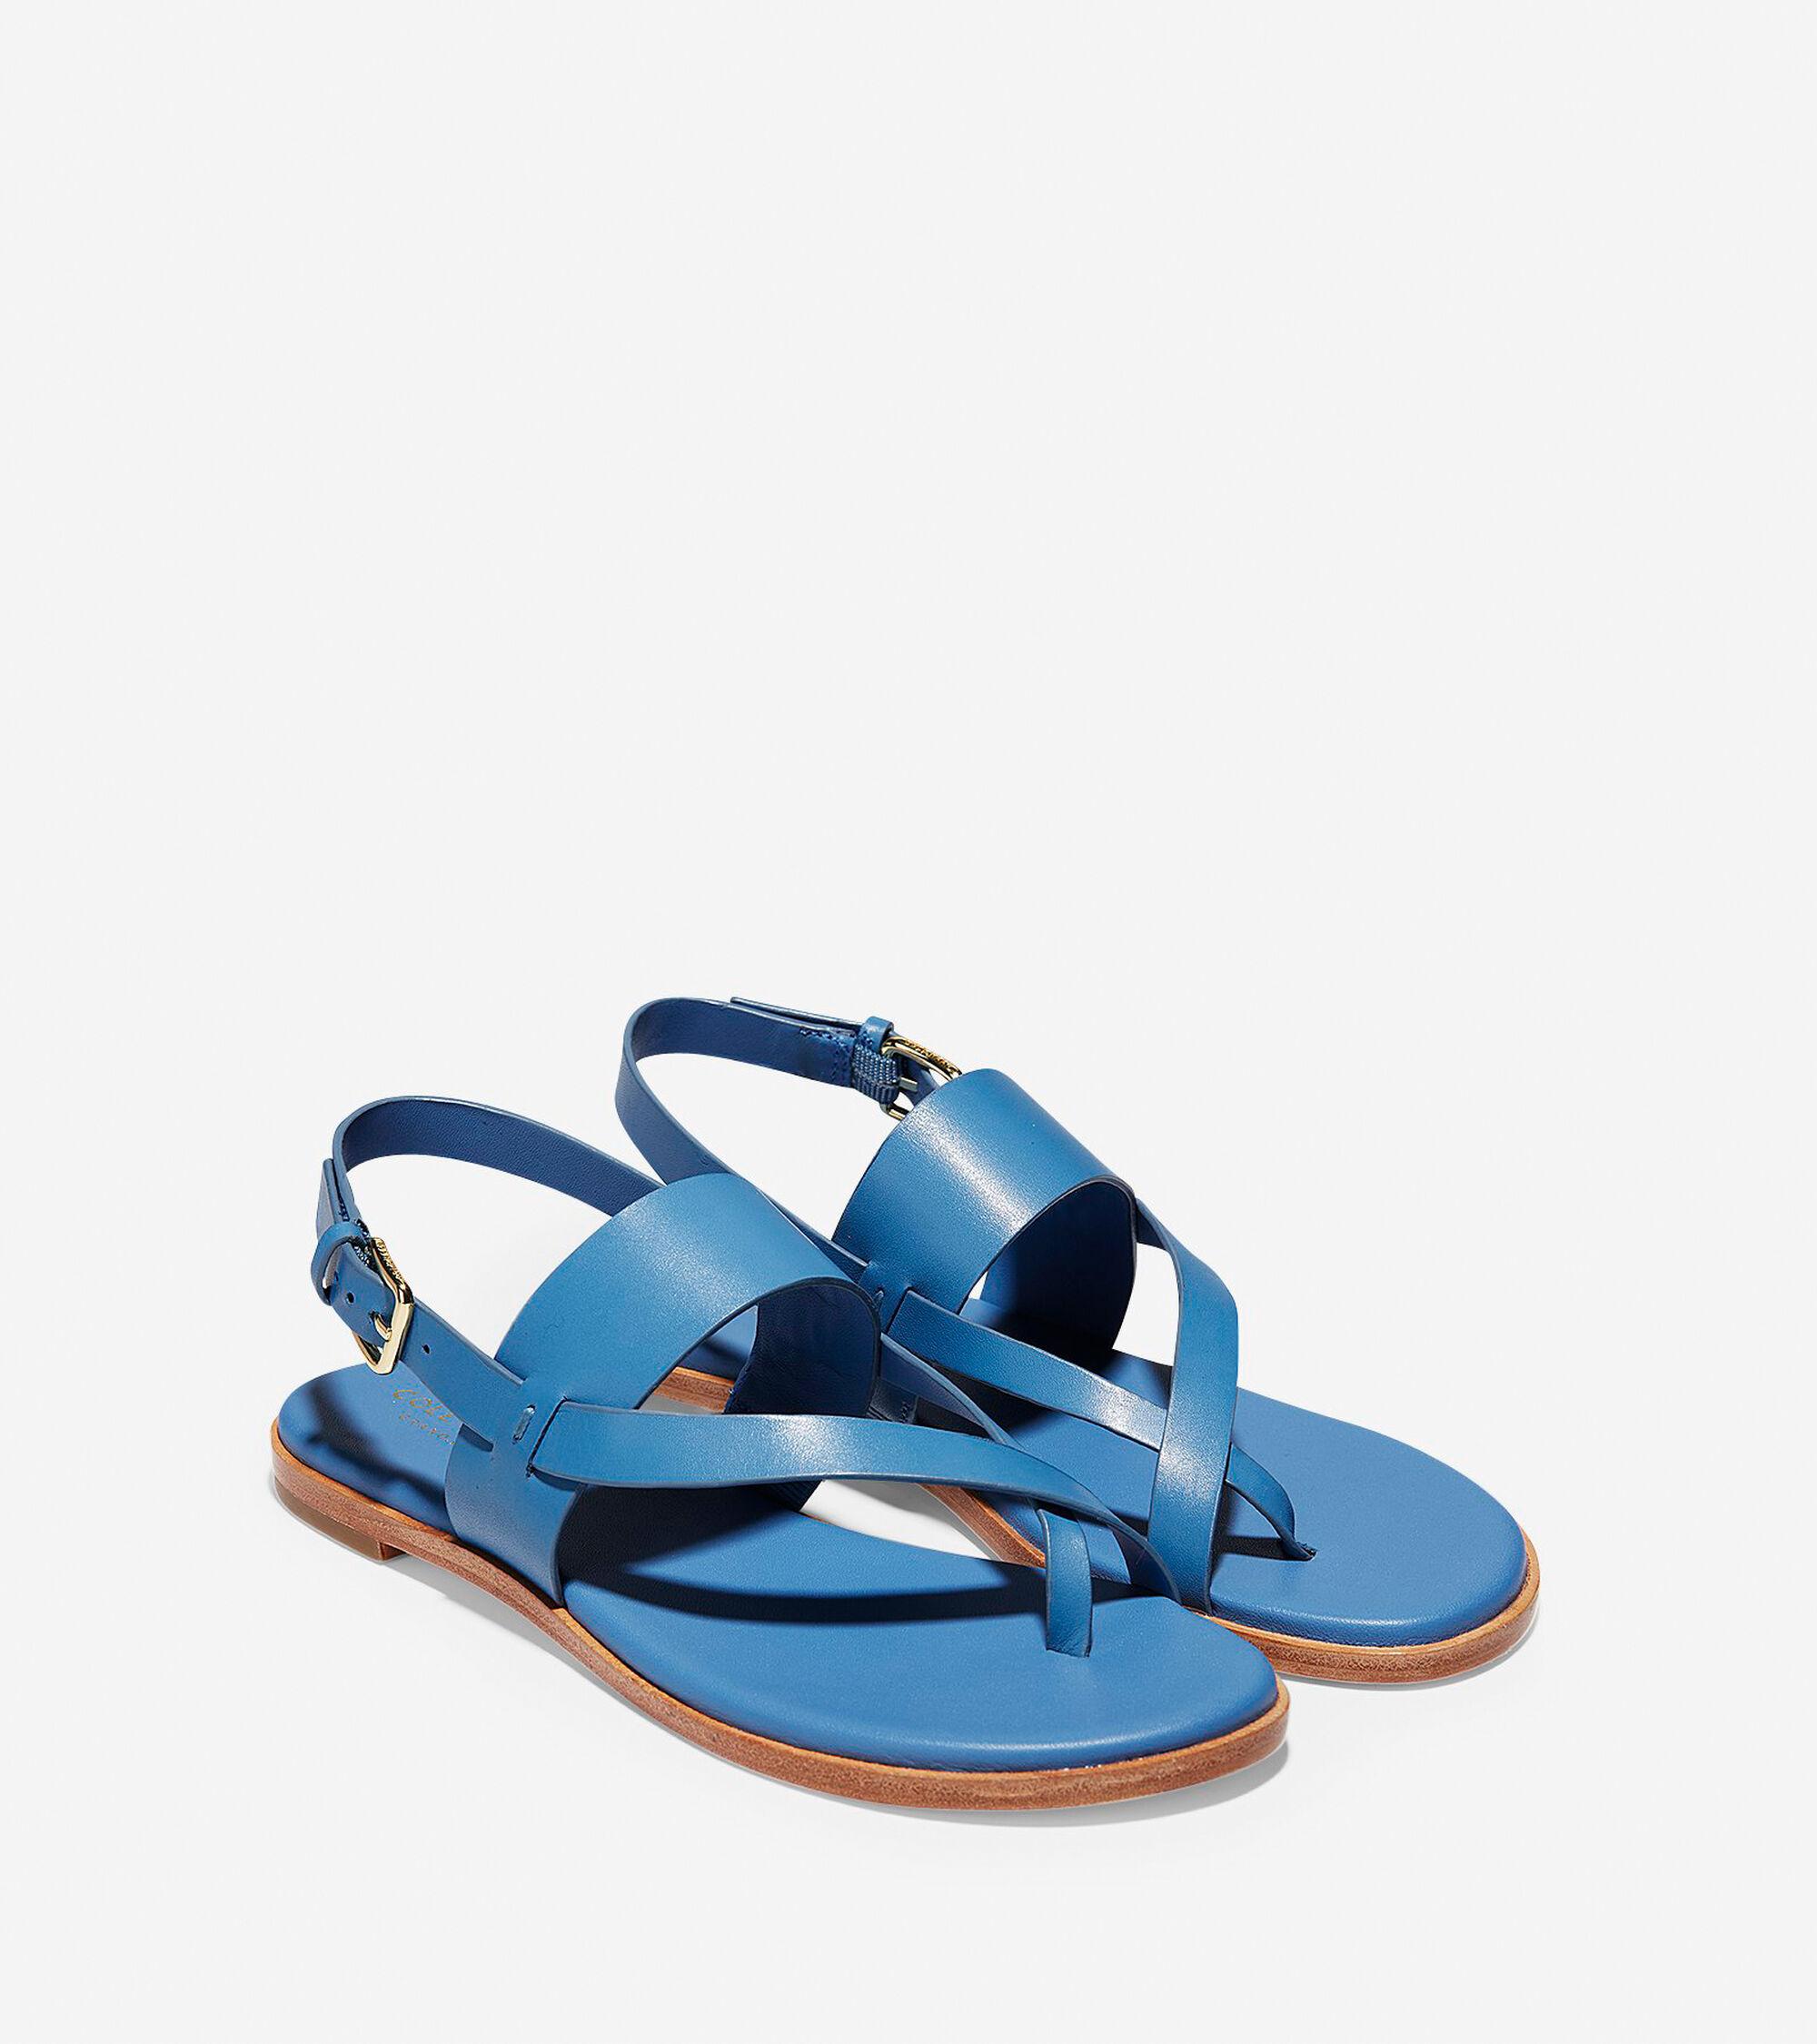 f7b3a0ccc1bea0 ... Anica Thong Sandal · Anica Thong Sandal  Anica Thong Sandal.  COLEHAAN